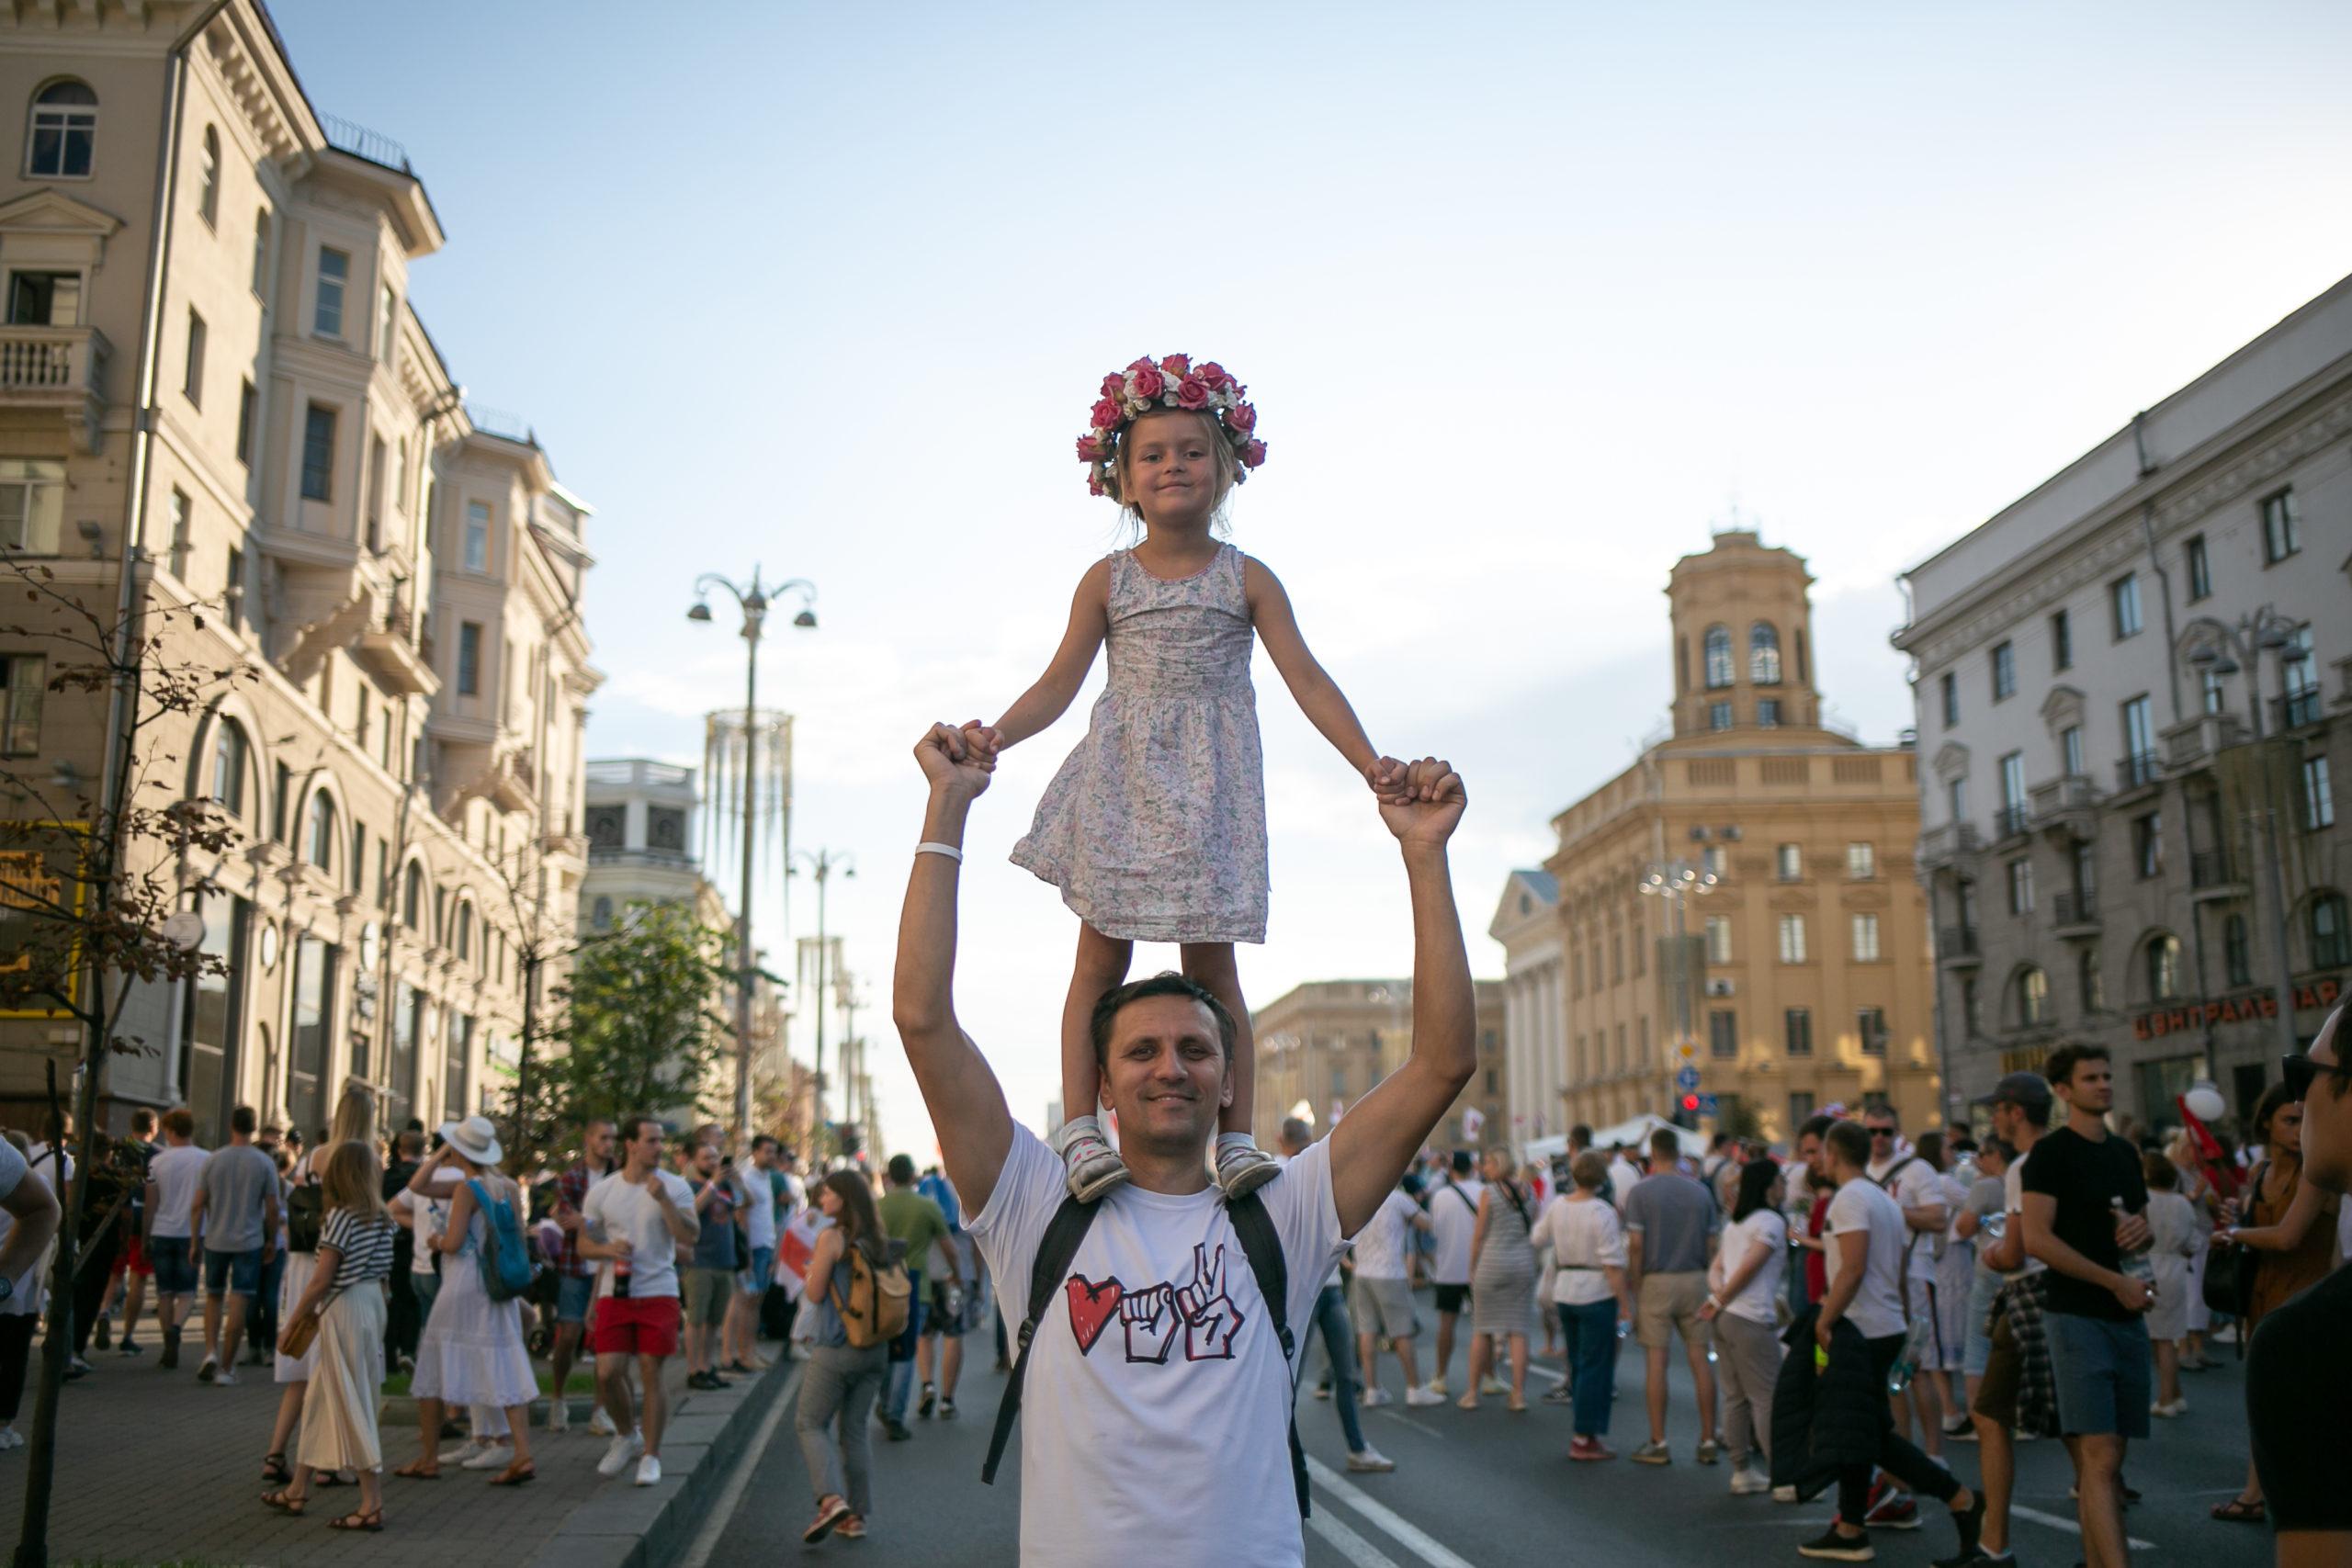 Ein Mann mit seiner Tochter auf der Praspiekt Niazaliežnasci, der Hauptstraße von Minsk. August 2020.